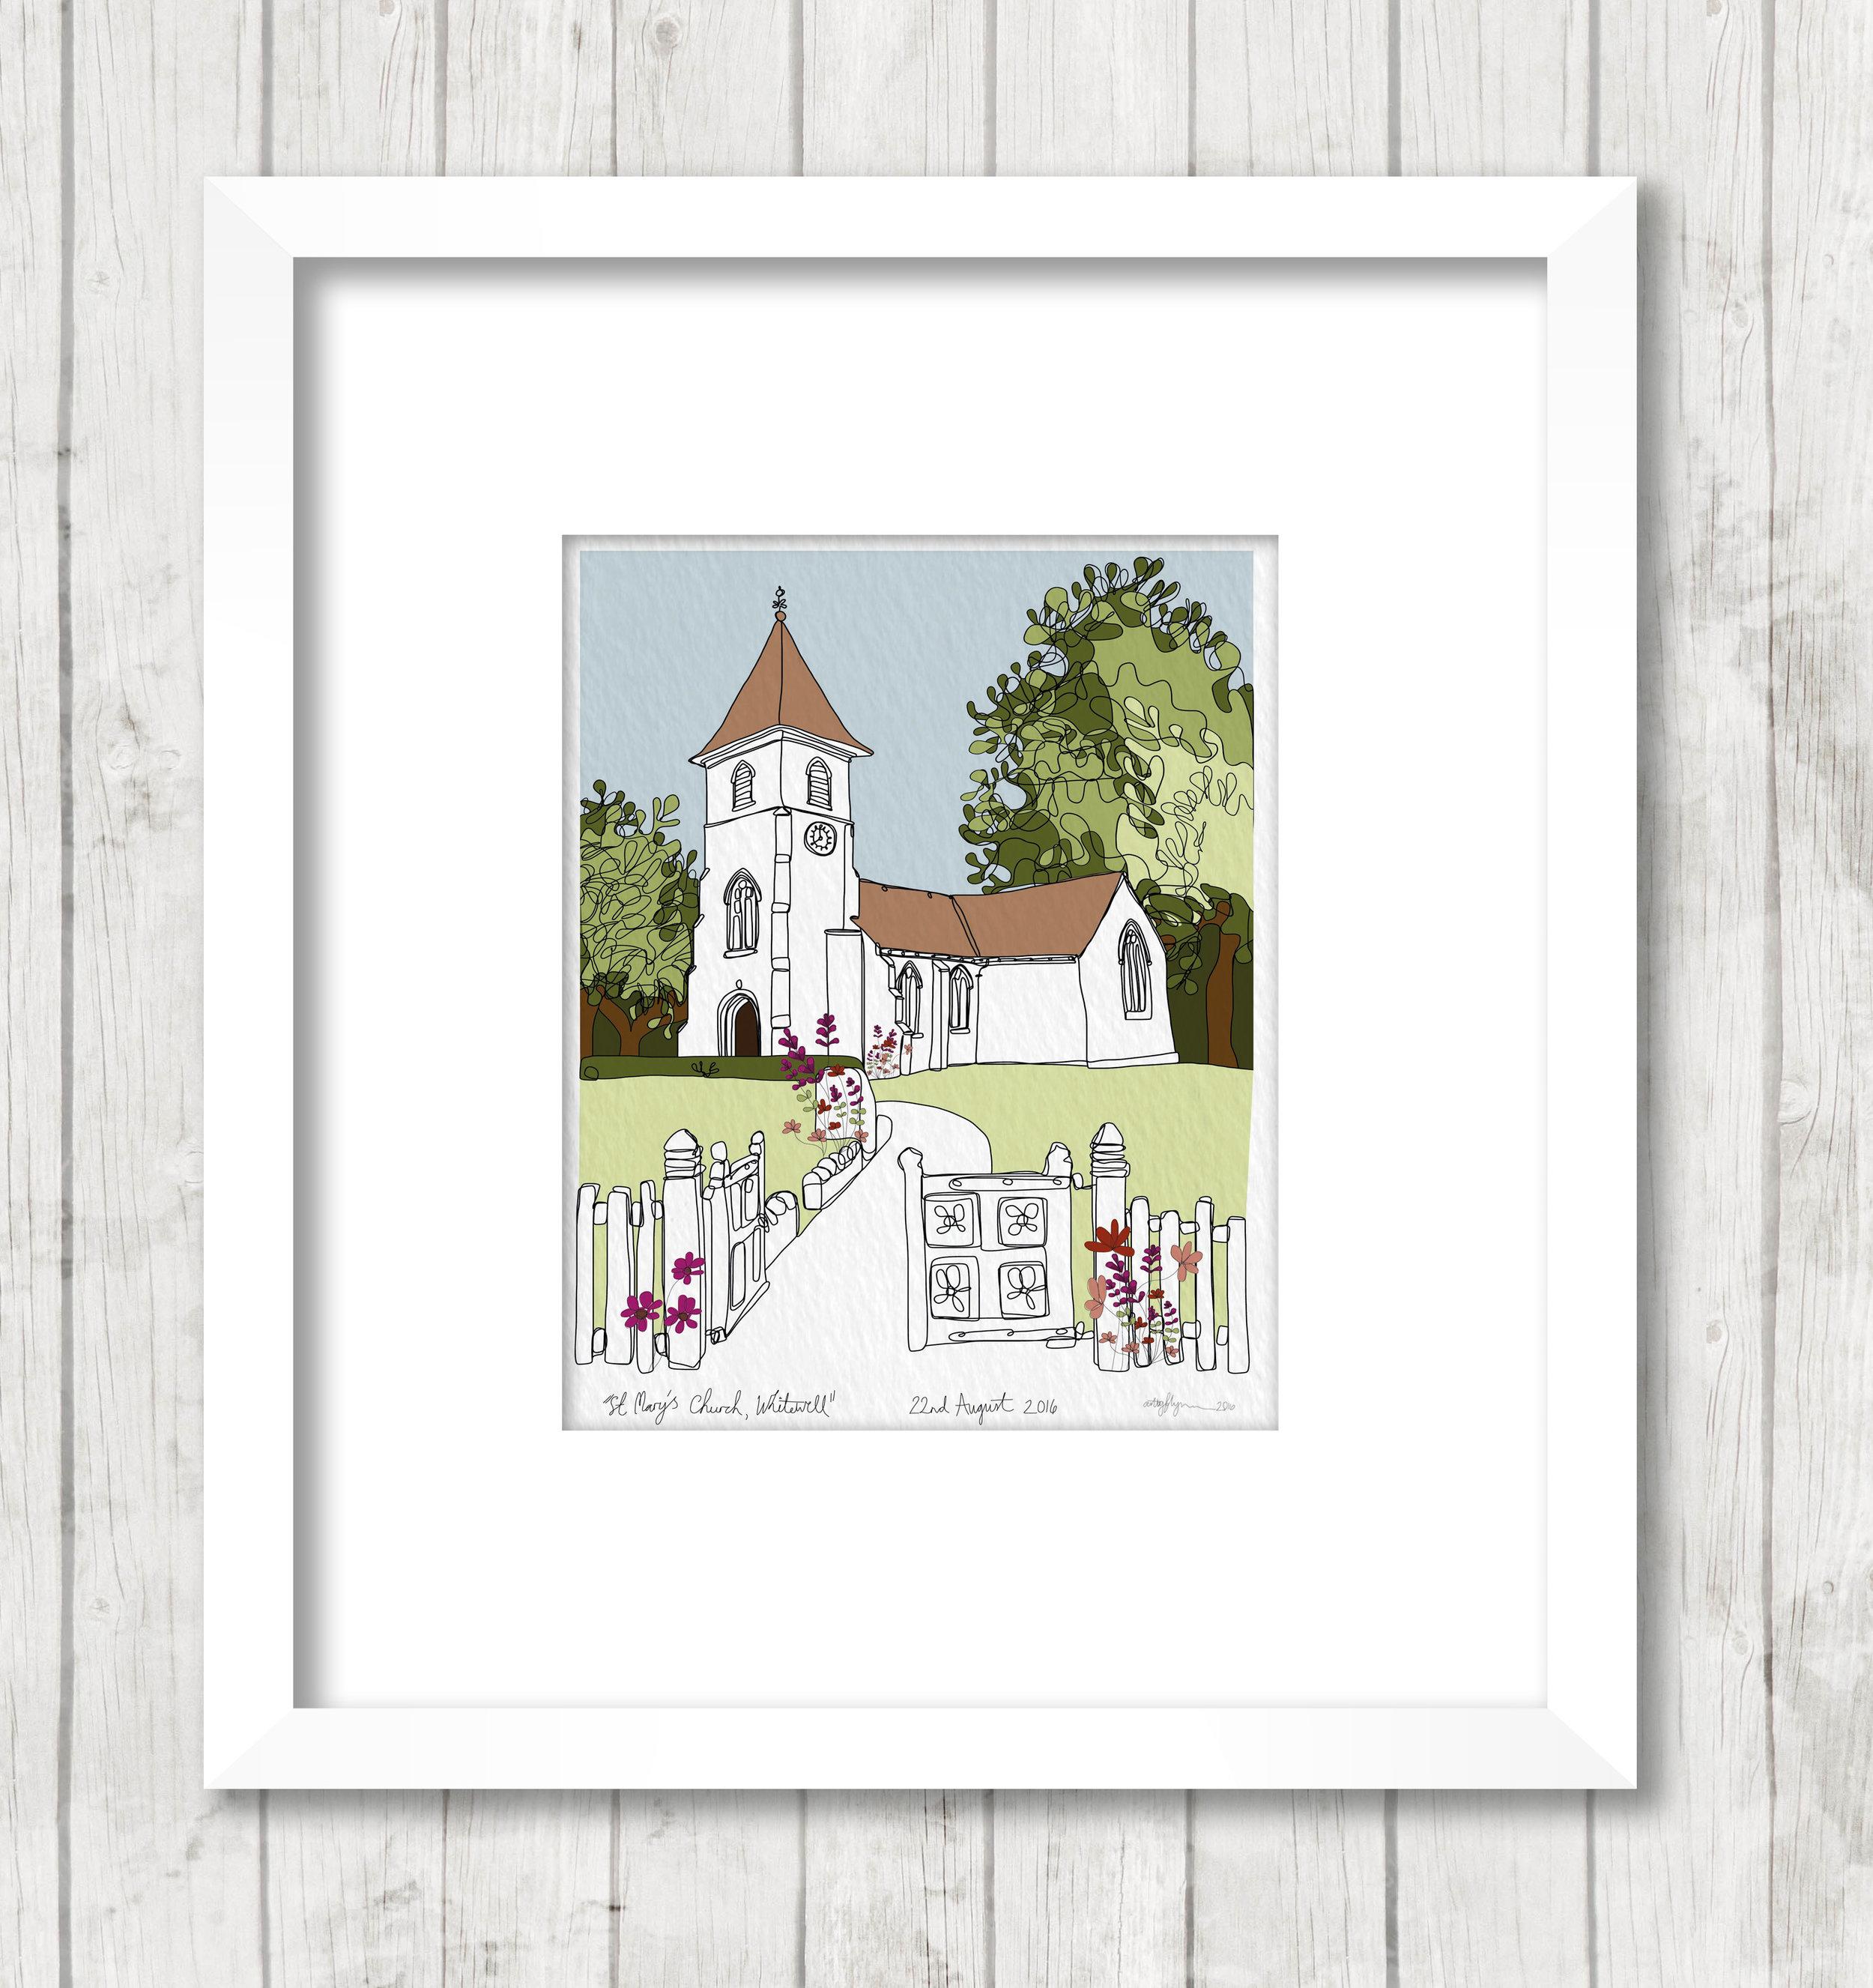 Get Your Own Christening Photograph As An Art Print A4 A3 A2 A1